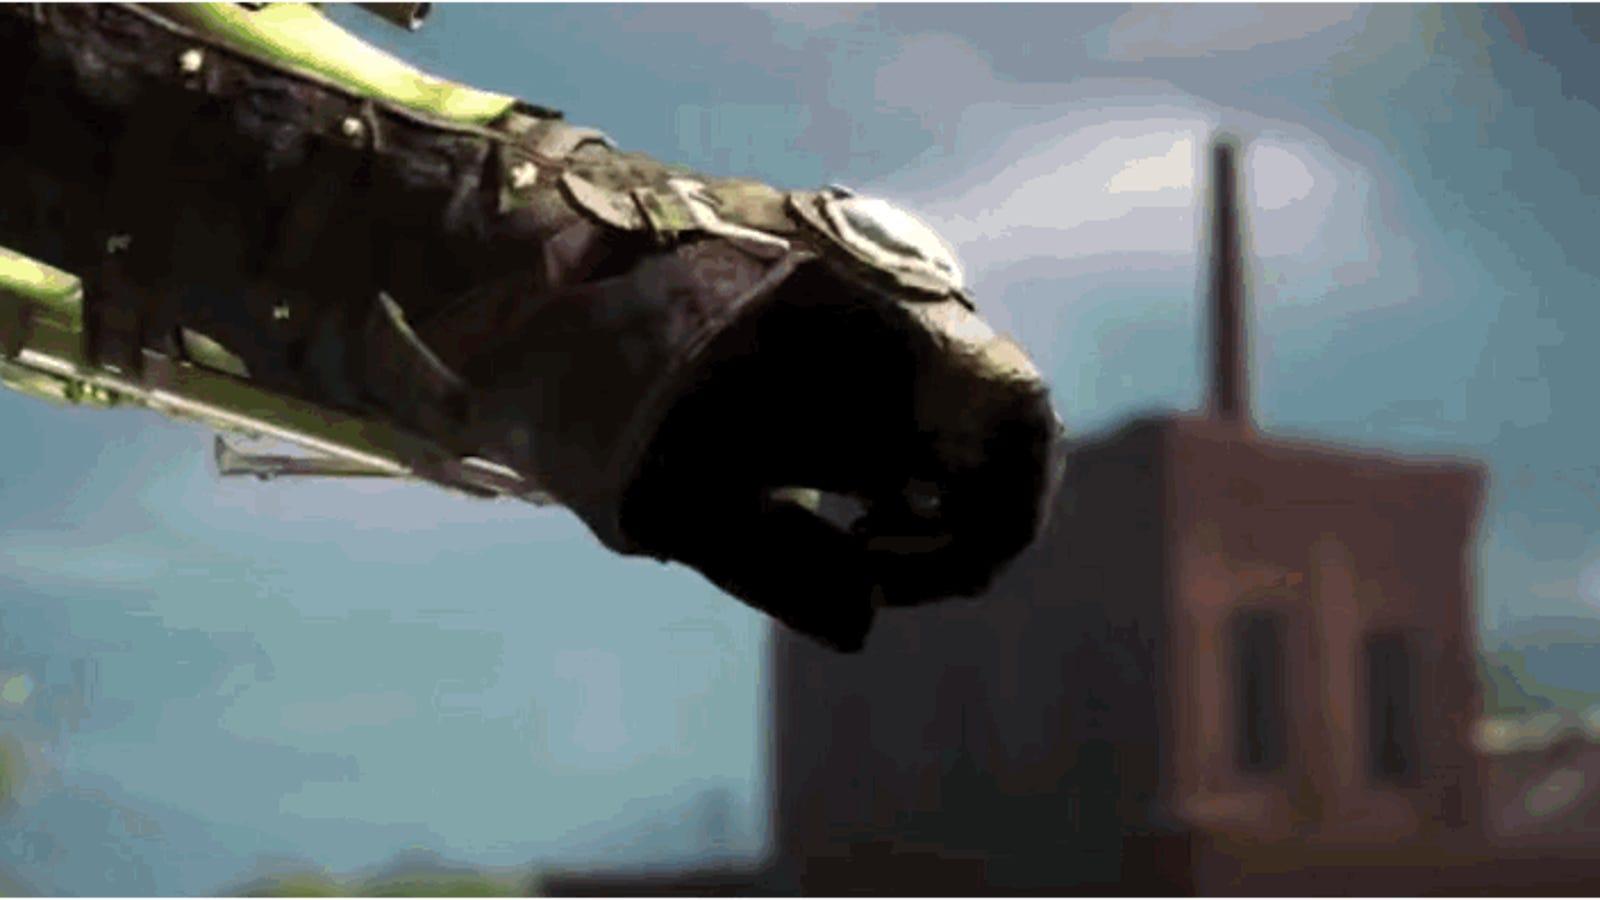 Estas son las réplicas reales de las armas de Assassin's Creed que querrás tener